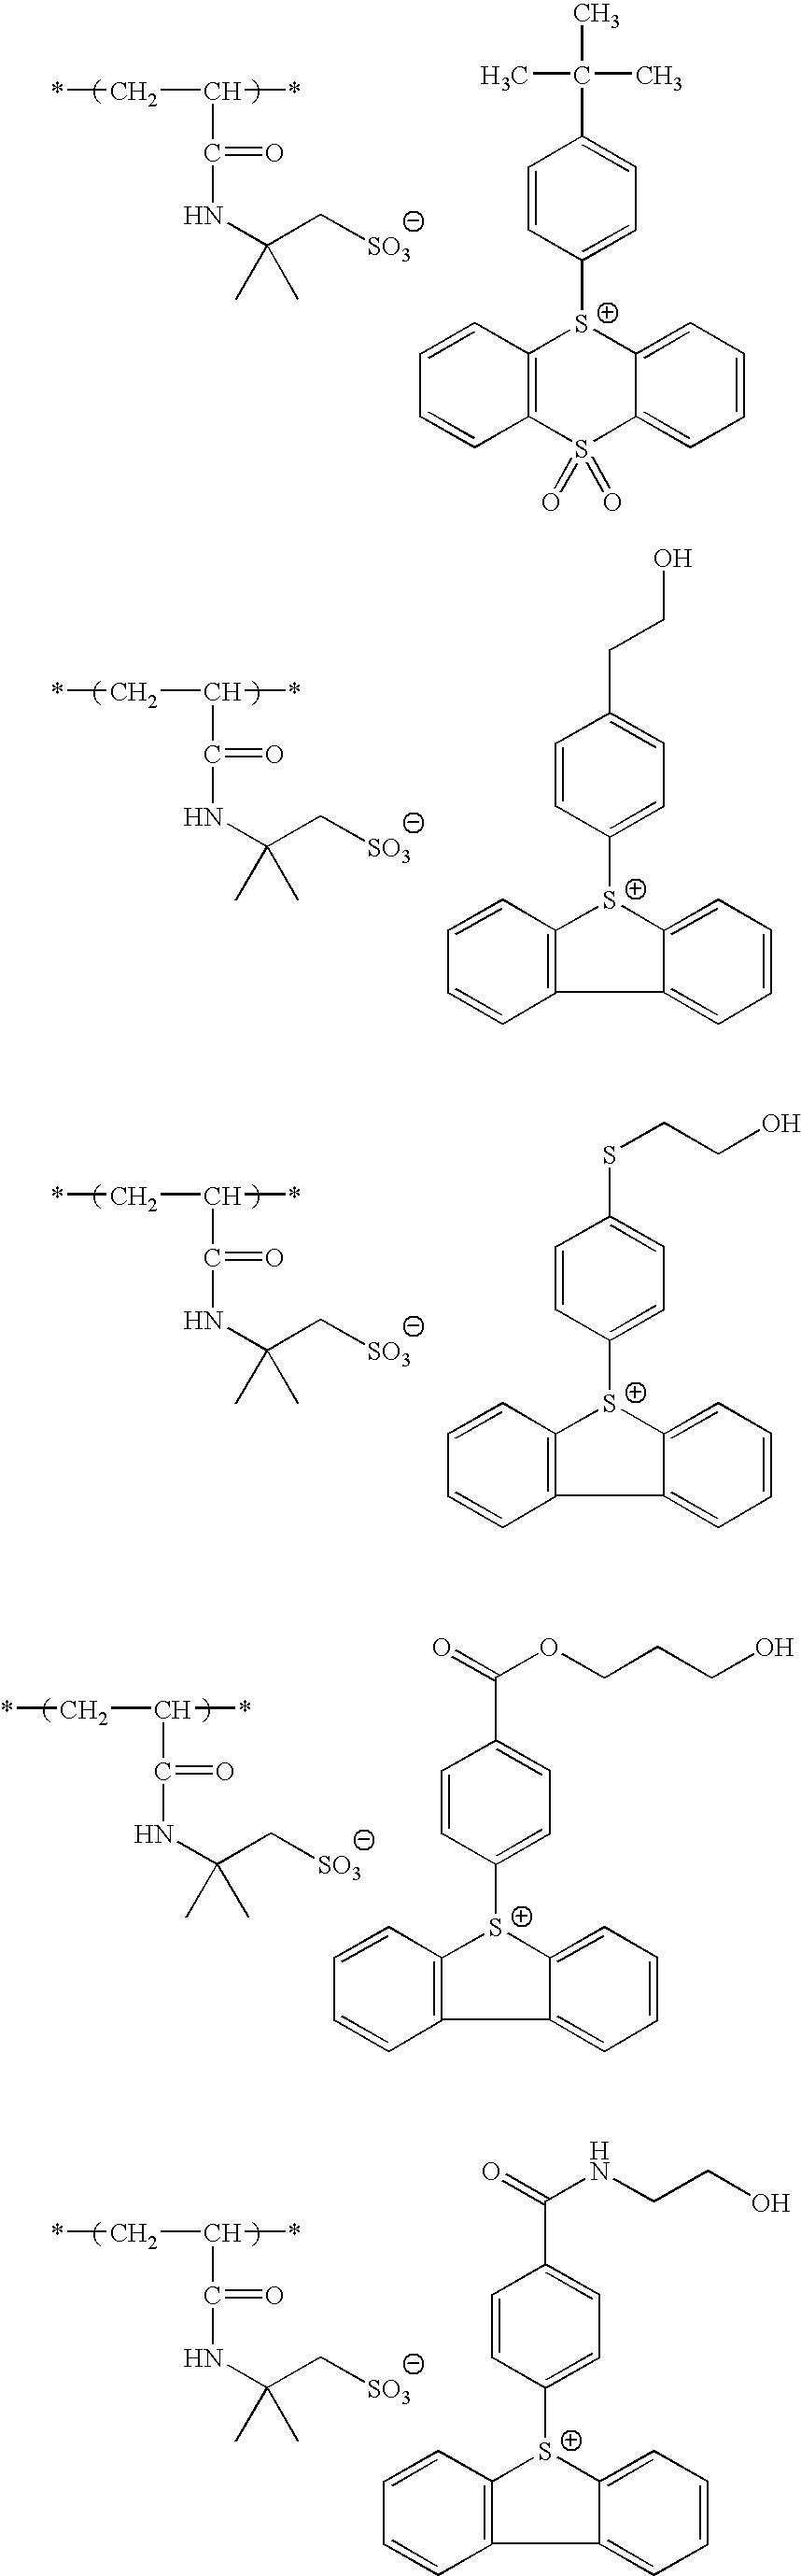 Figure US08852845-20141007-C00076